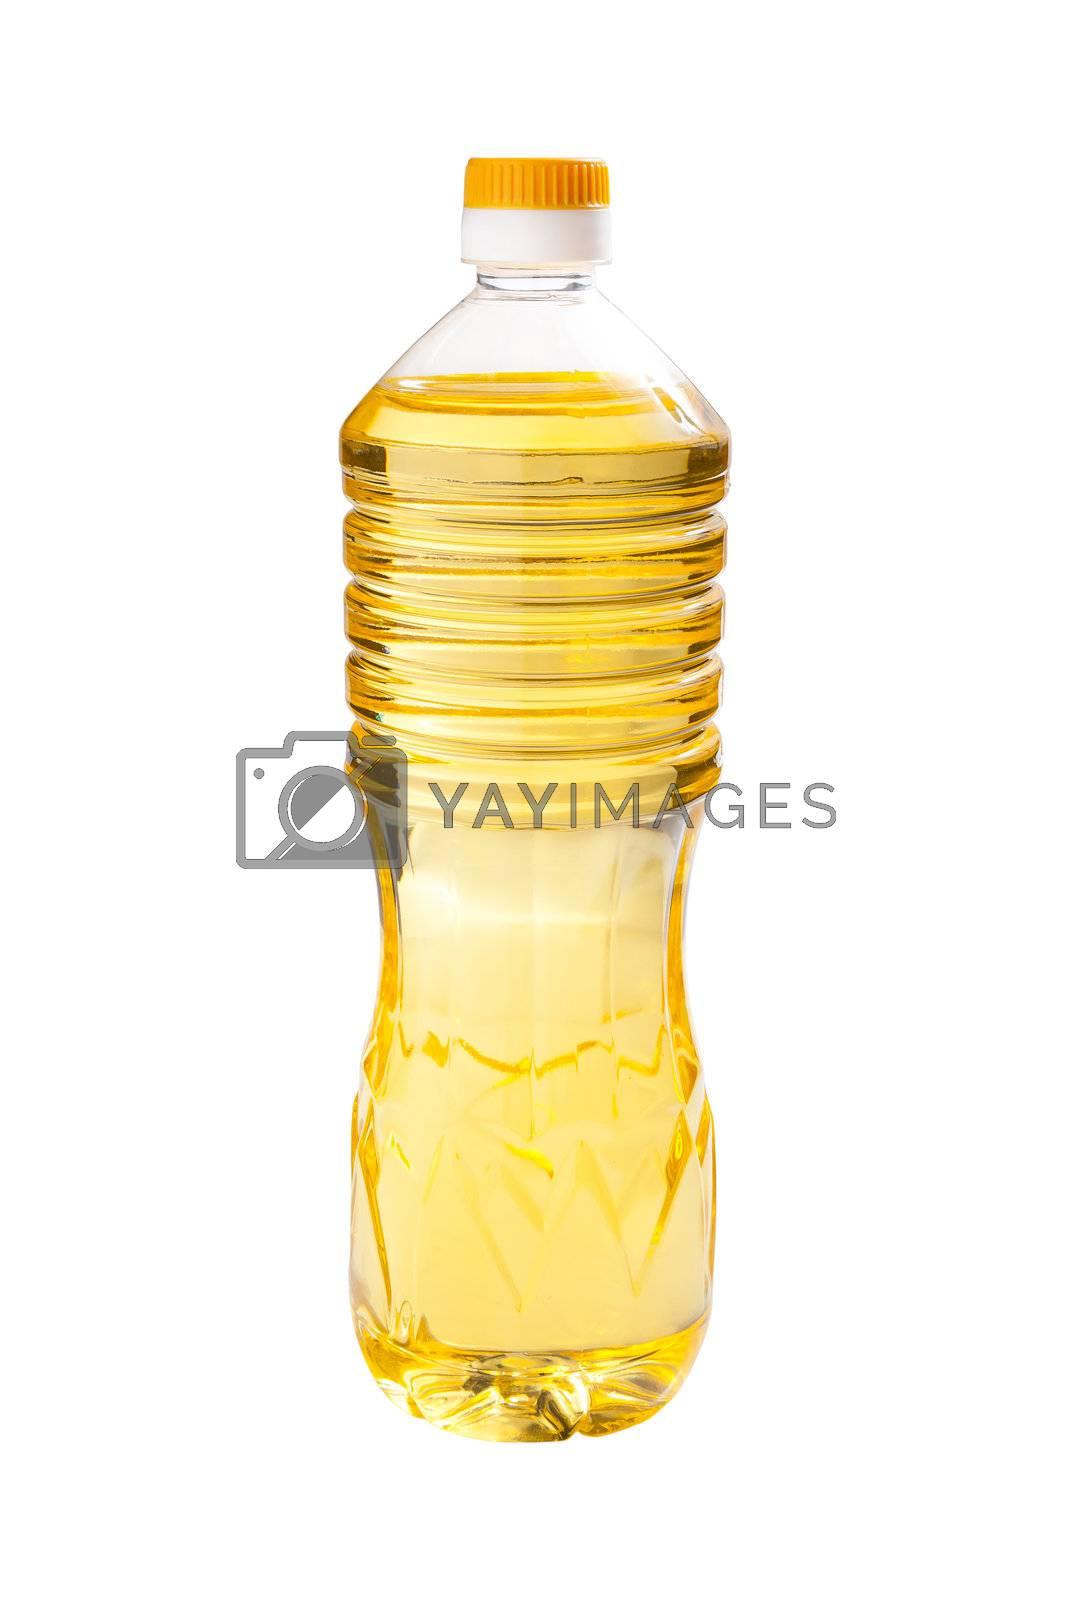 Sunflower oil by firewings